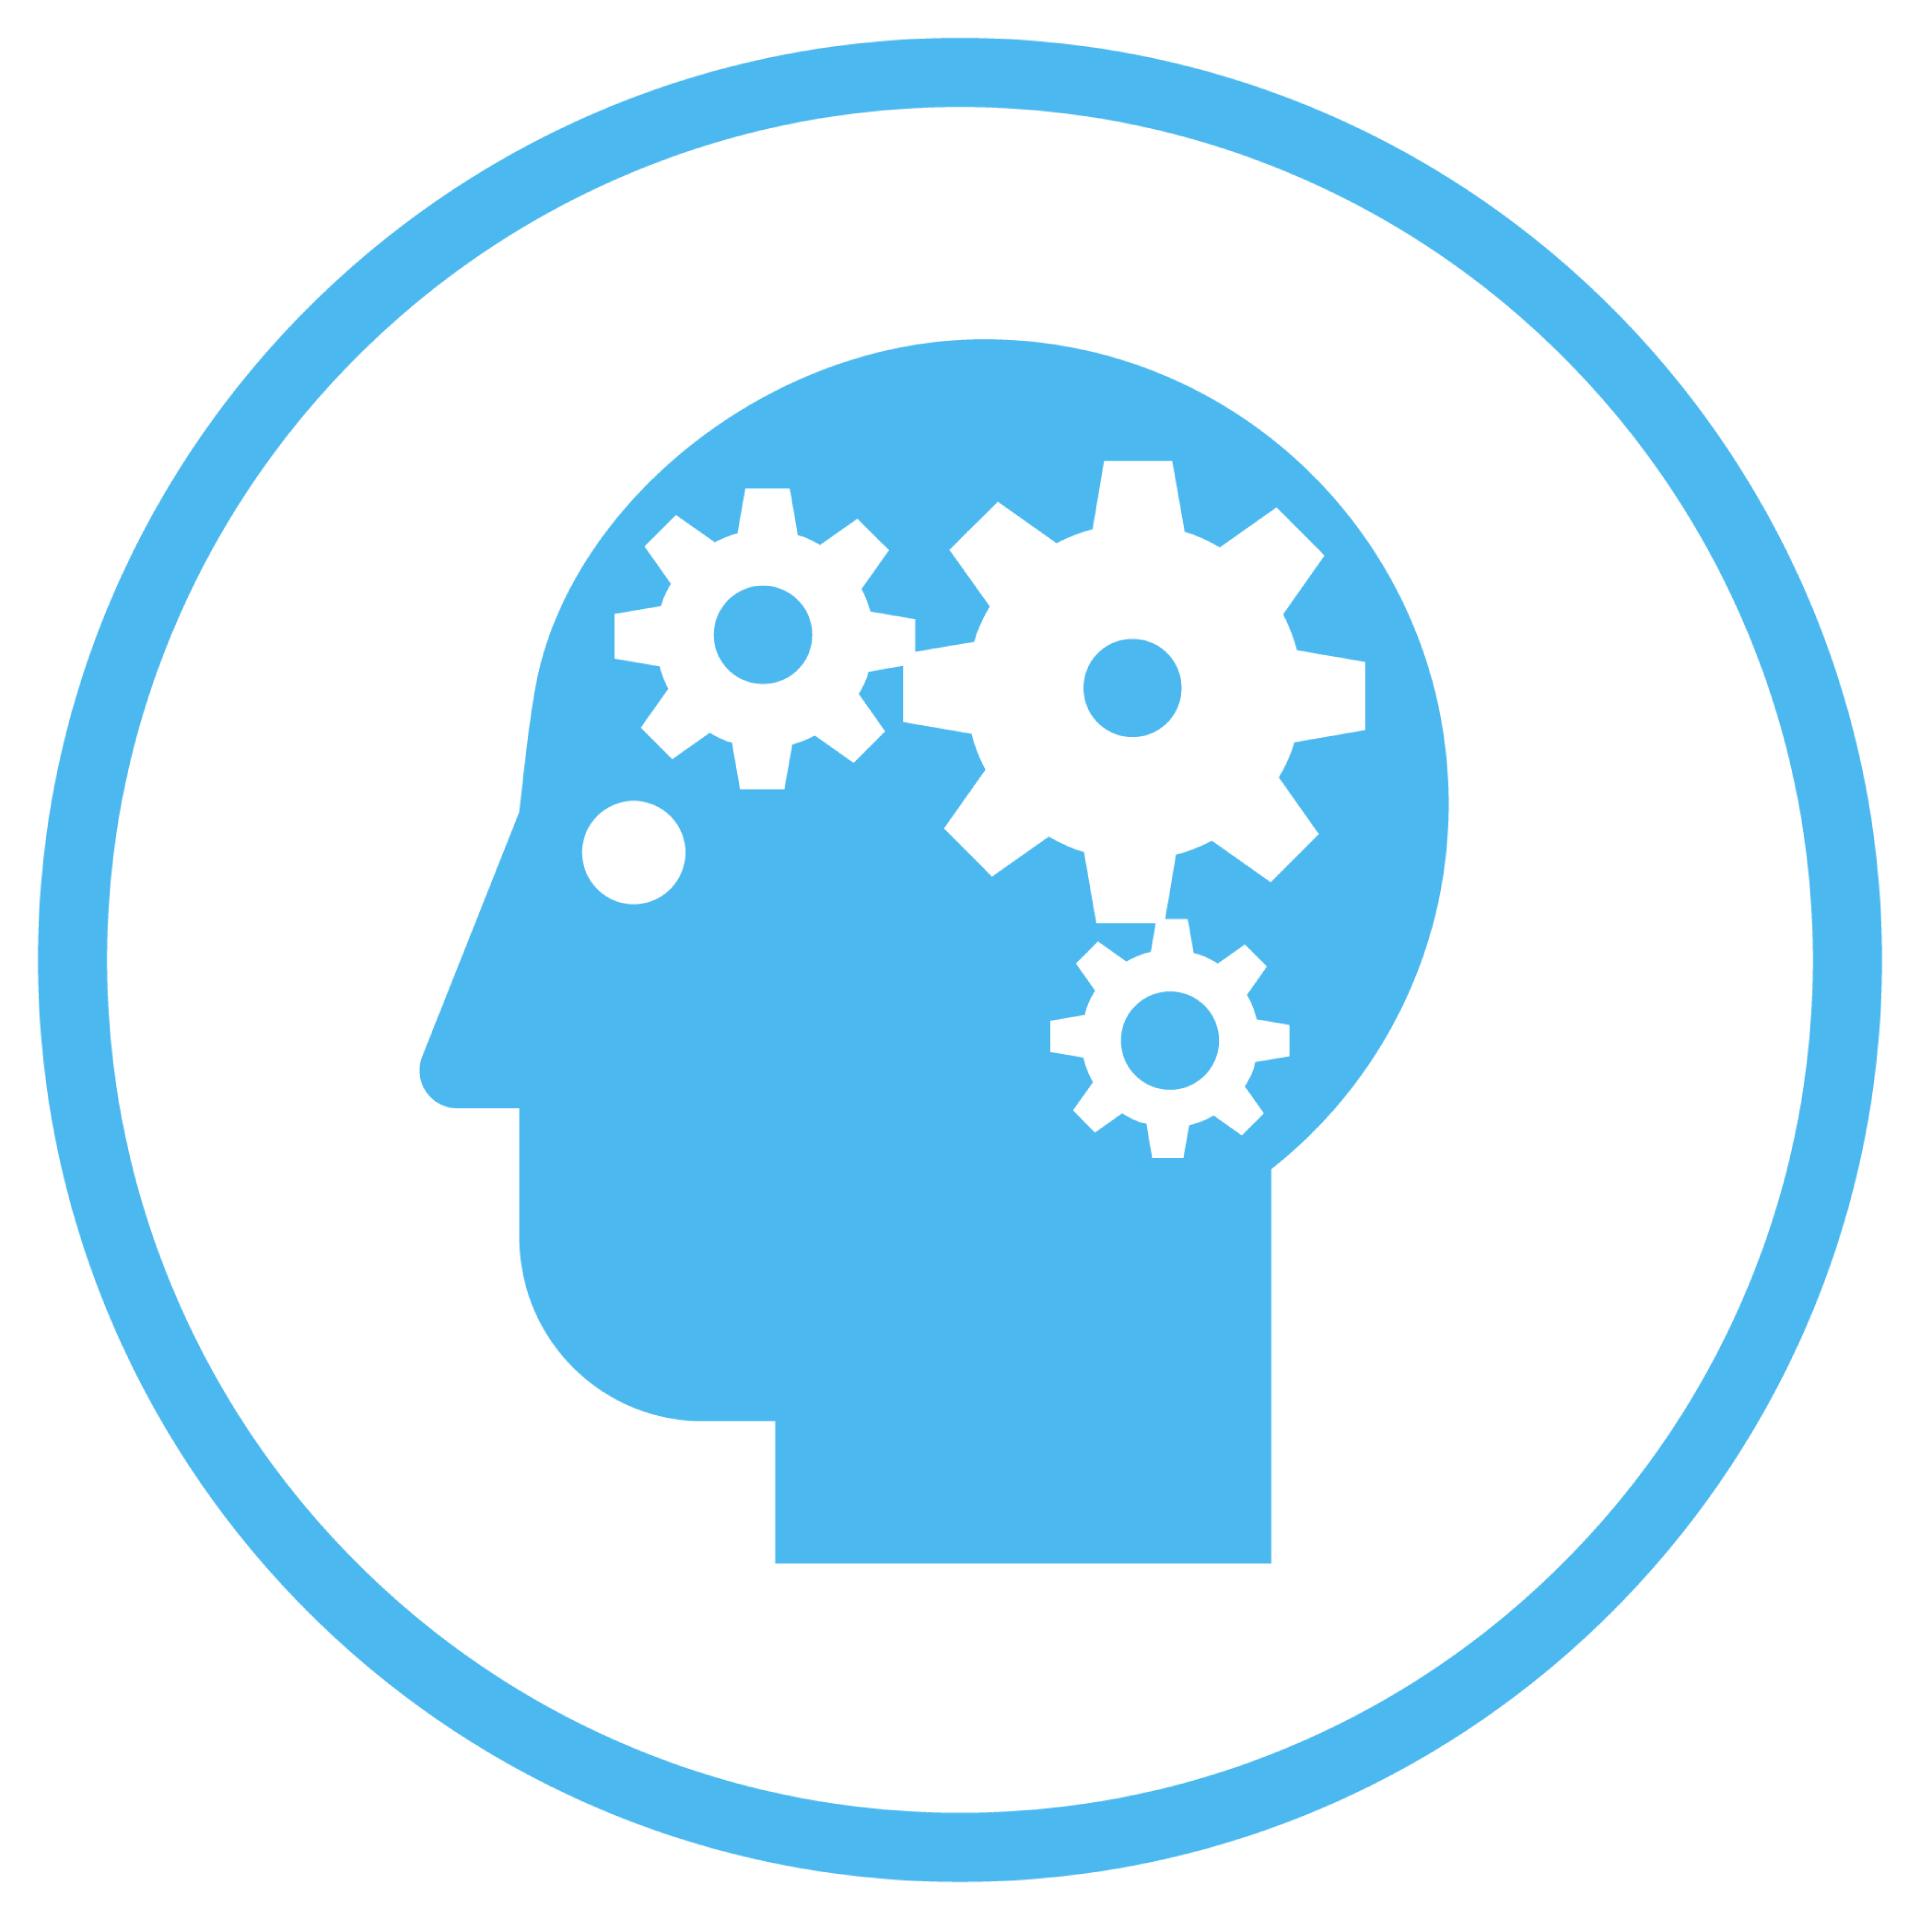 AmbulatoryIcon_blue_Clinician efficiency_brain gears